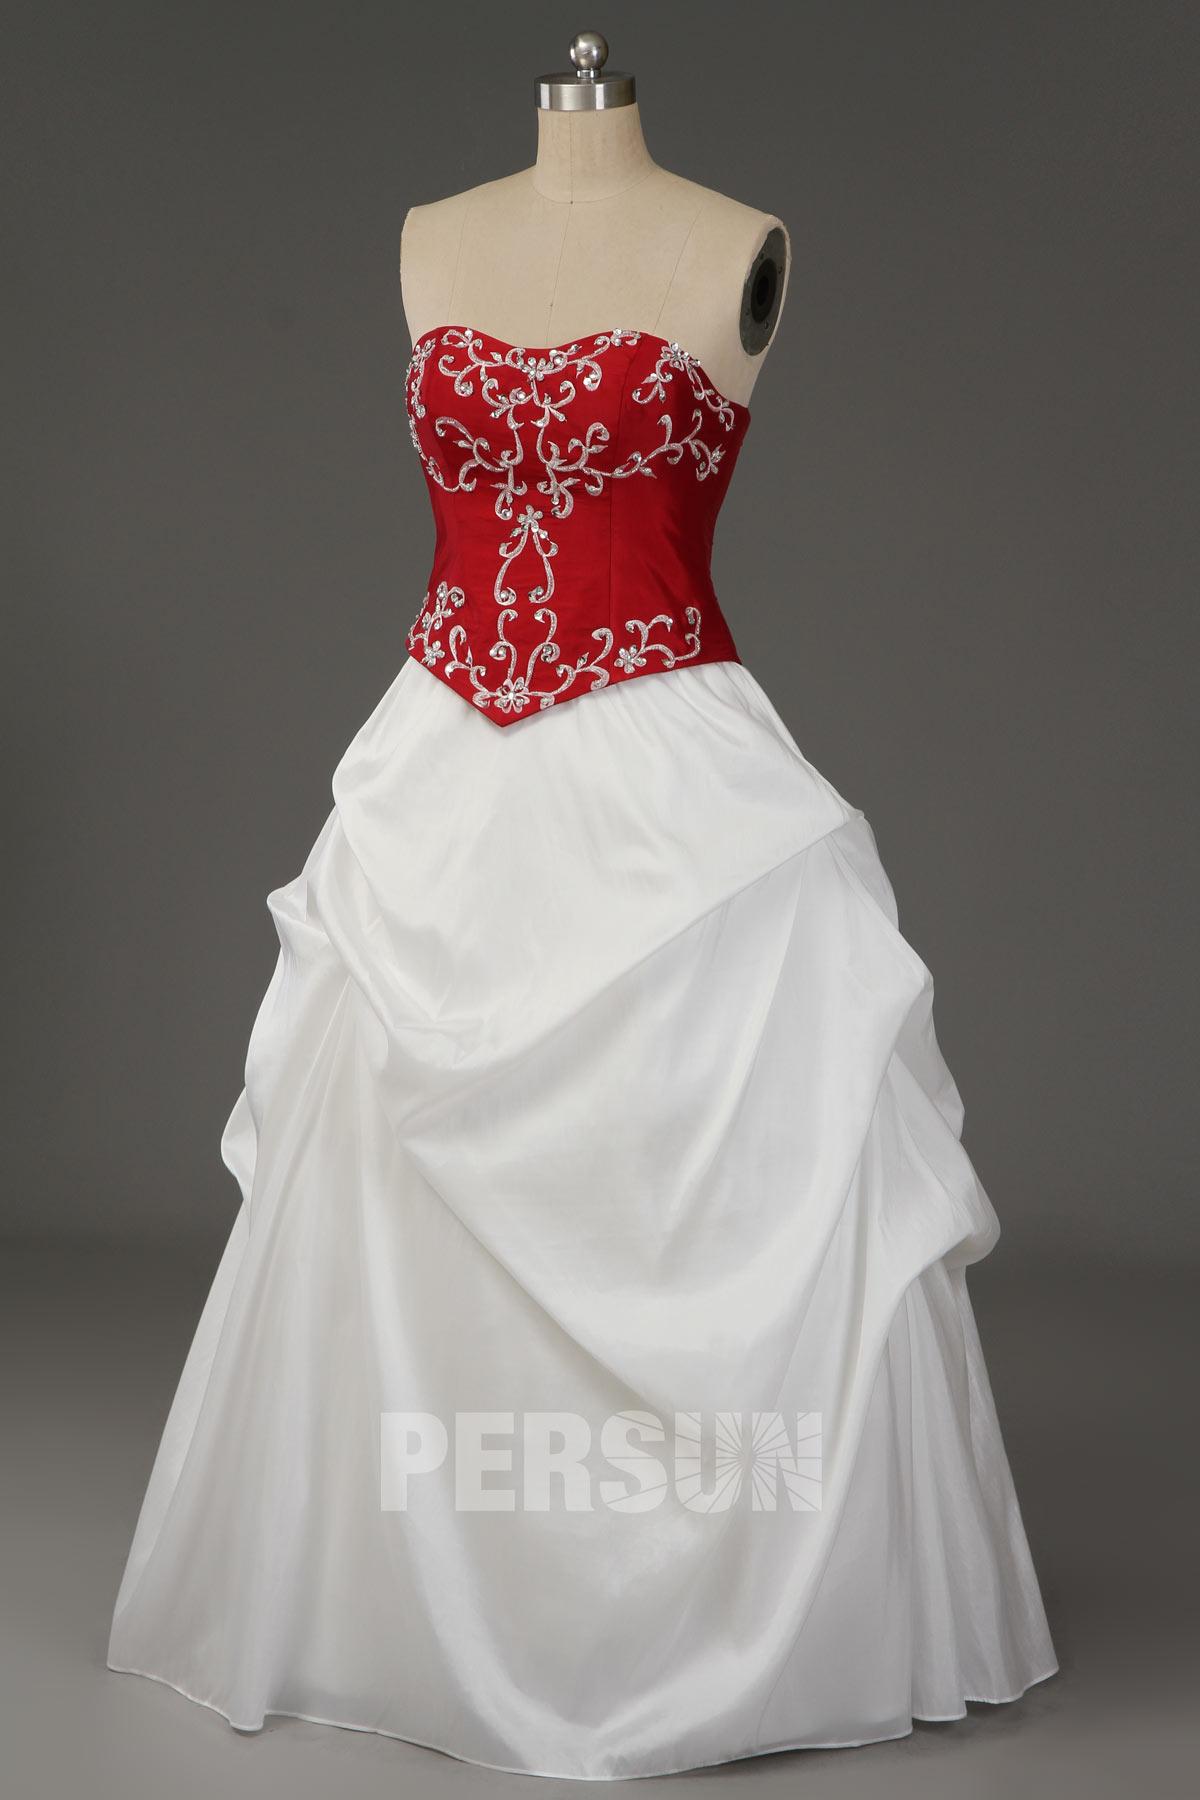 Robe de mariée vintage bicolore bustier basque avec broderies